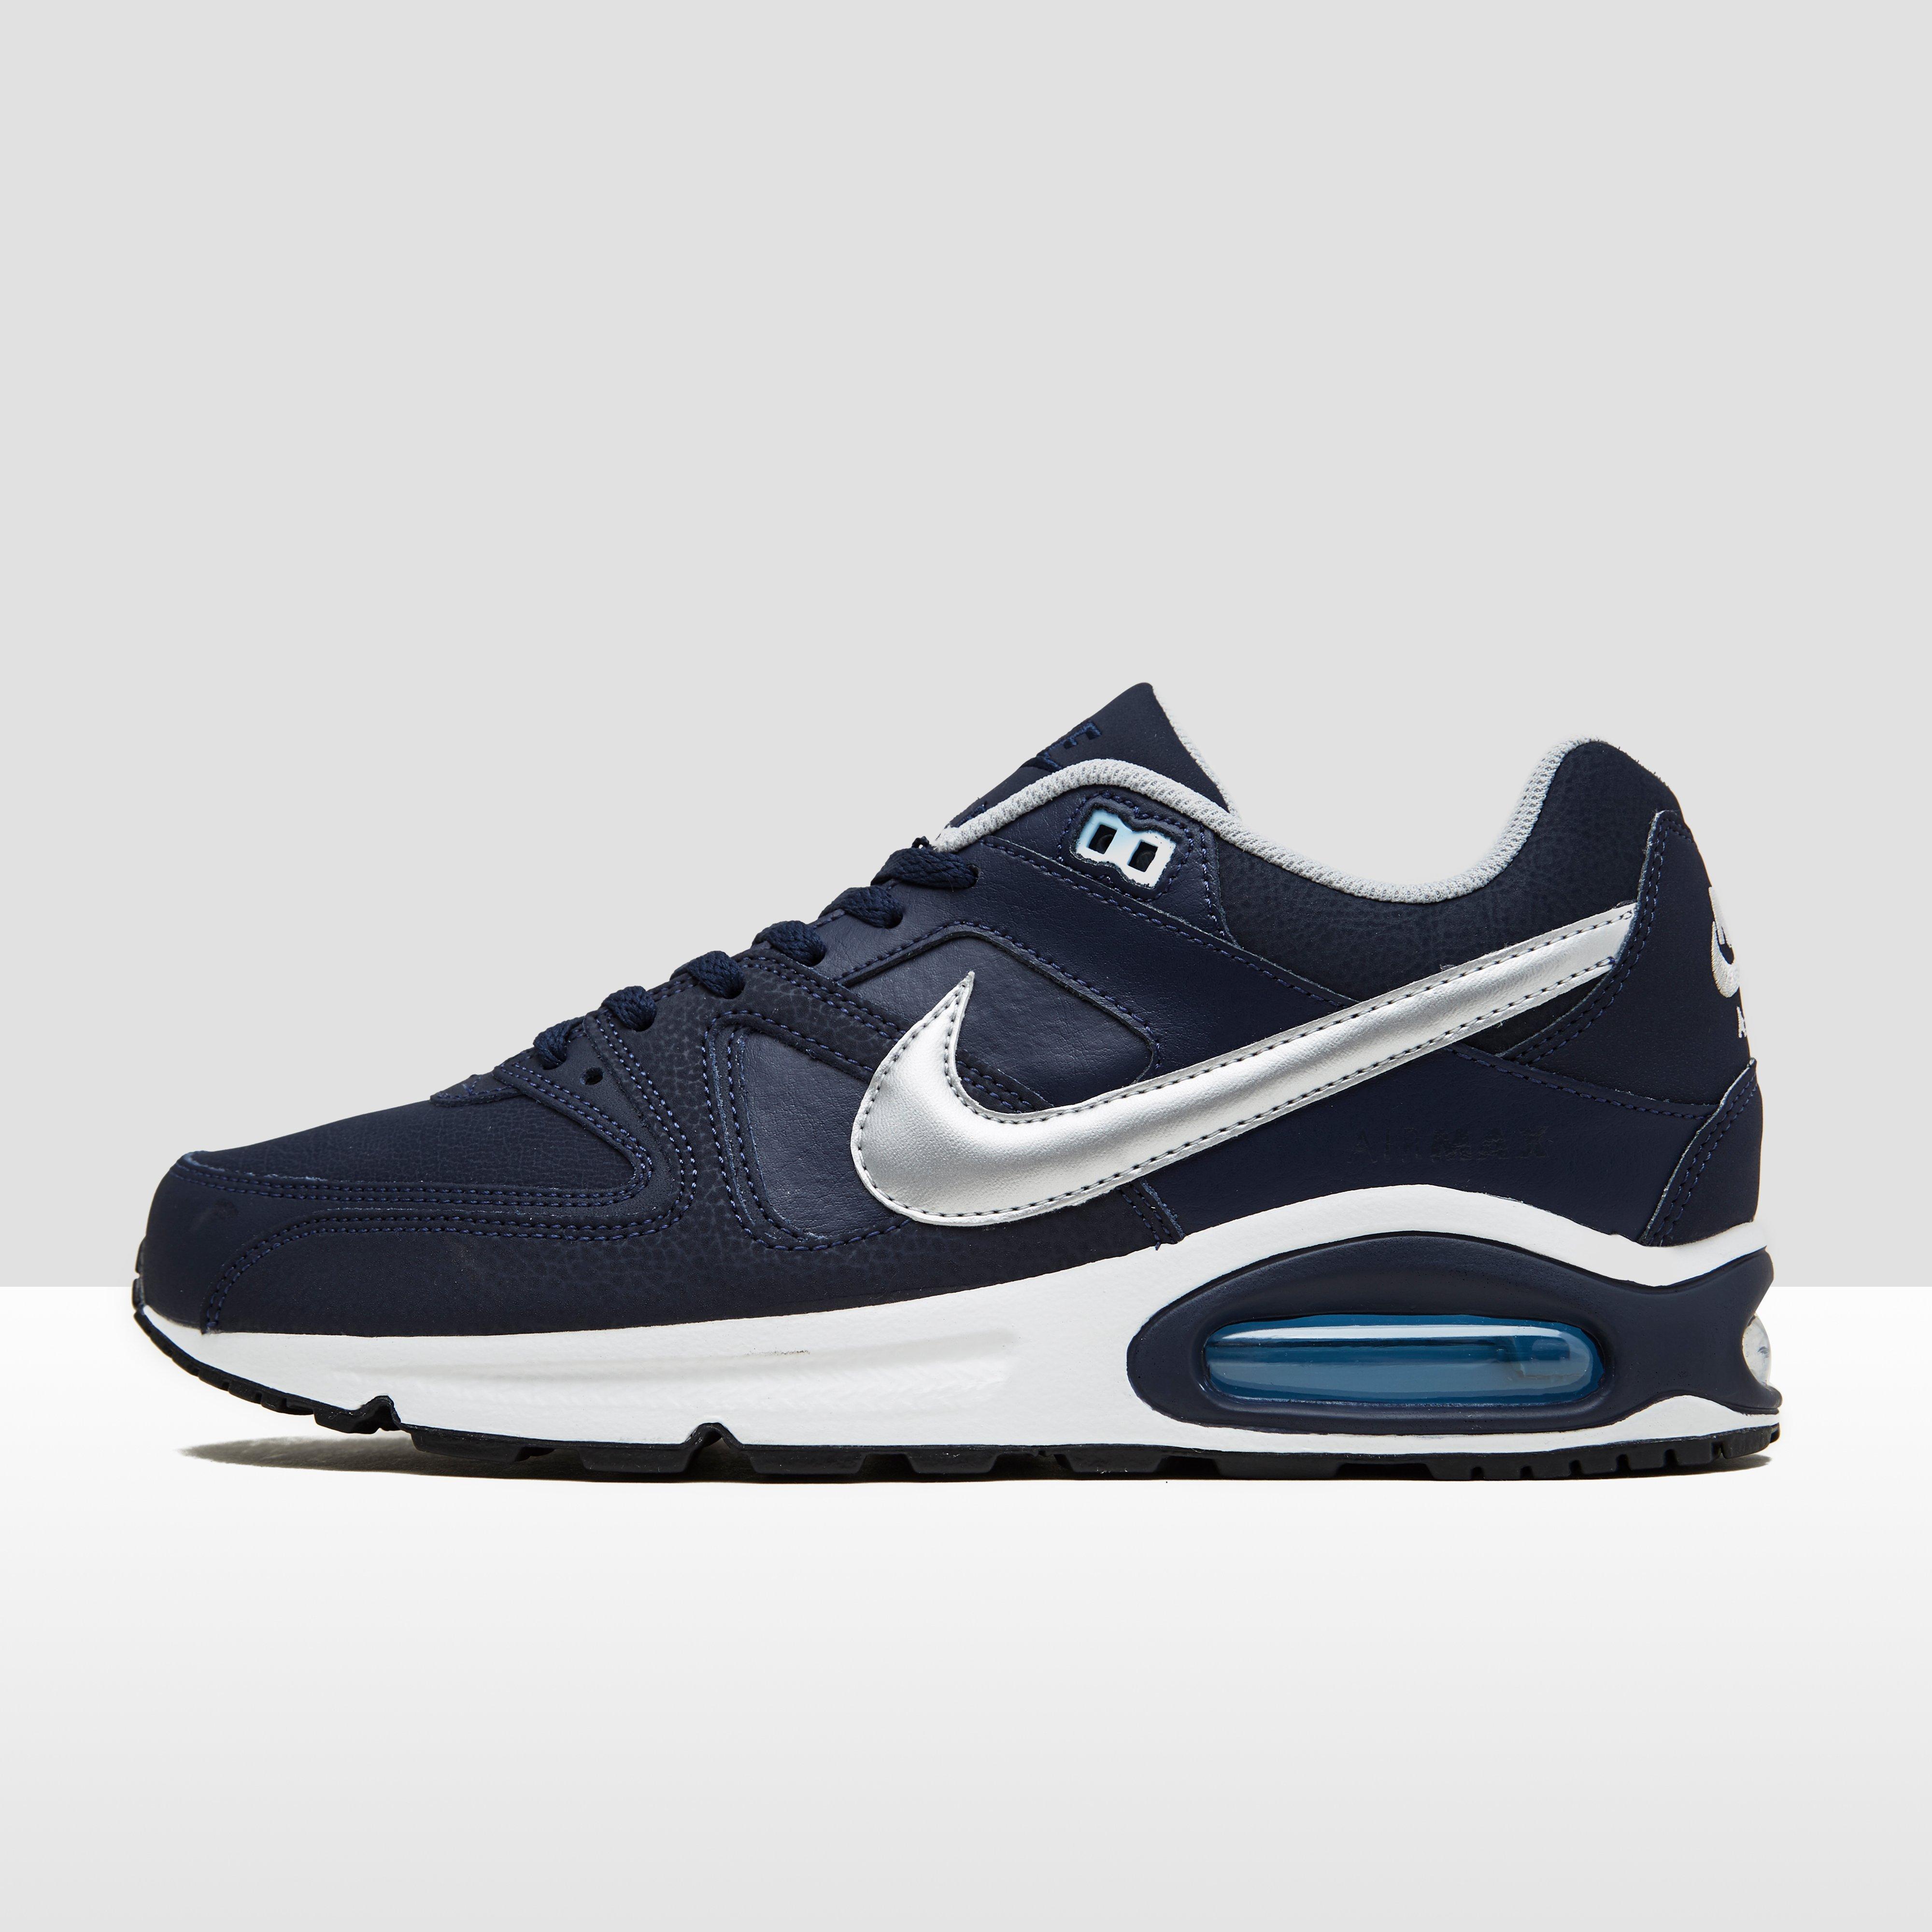 Nike Air Max Sport Commande Lthr - Chaussures De Sport Pour Les Hommes - Noir EwzEdPc